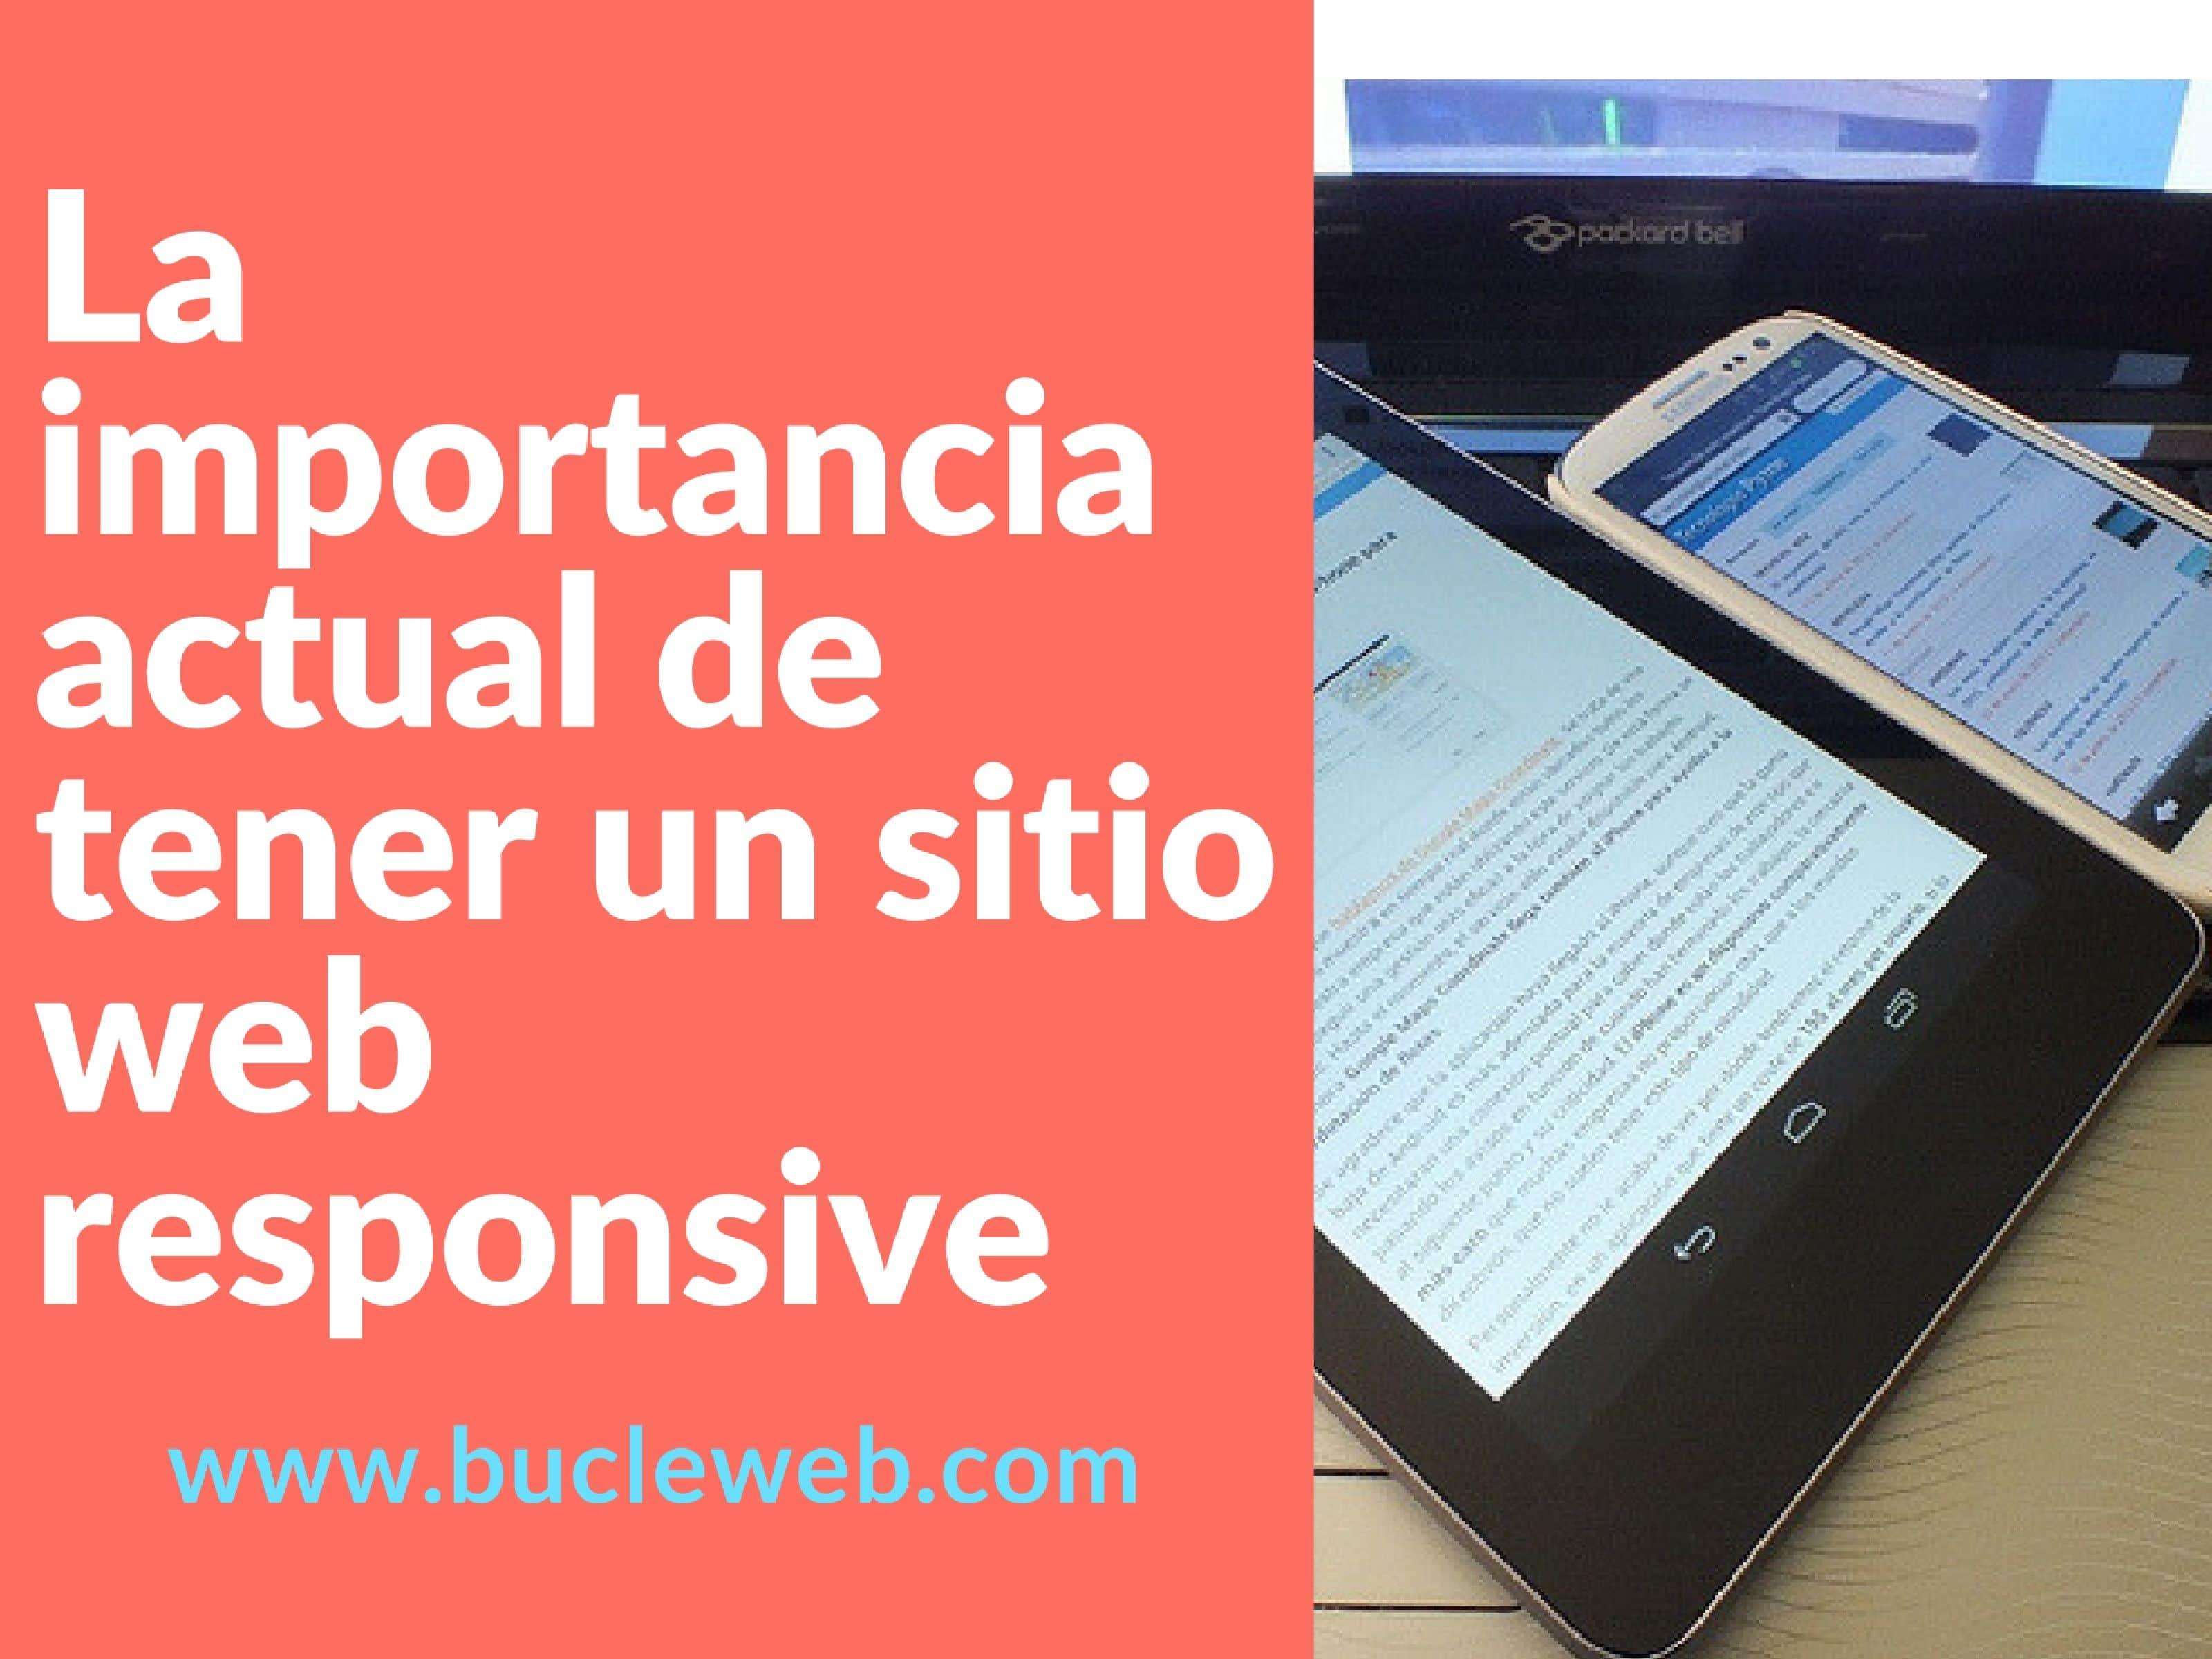 La importancia actual de tener un sitio web responsive